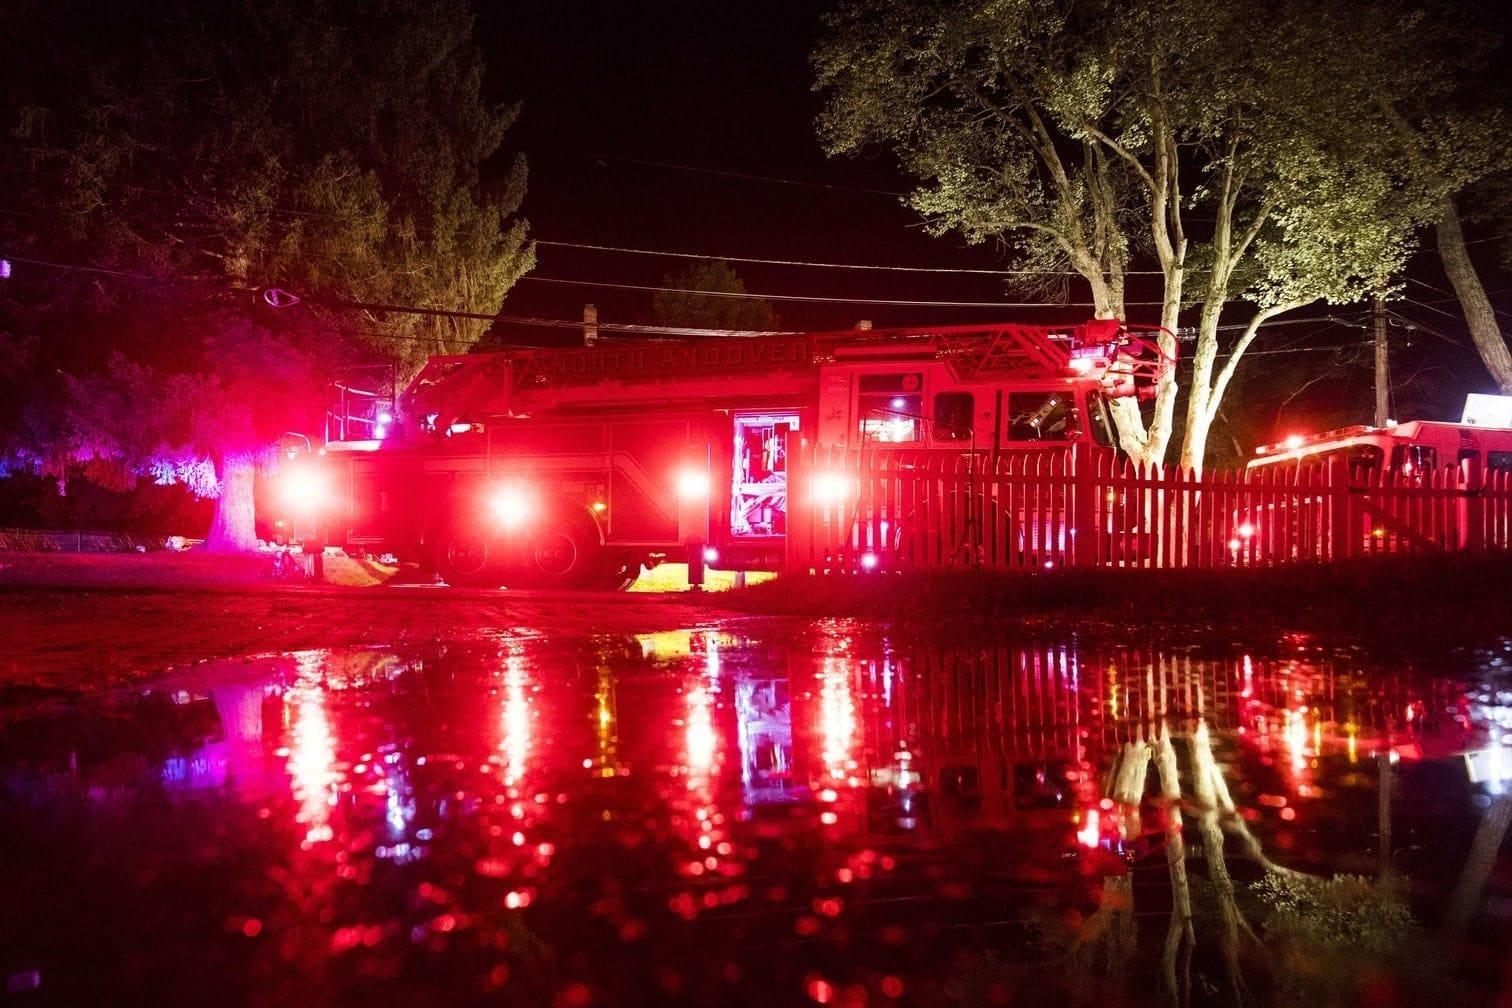 <p>Rettungskräfte seien zu 70 Häusern in drei Kleinstädten im US-Bundesstaat Massachusetts gerufen worden